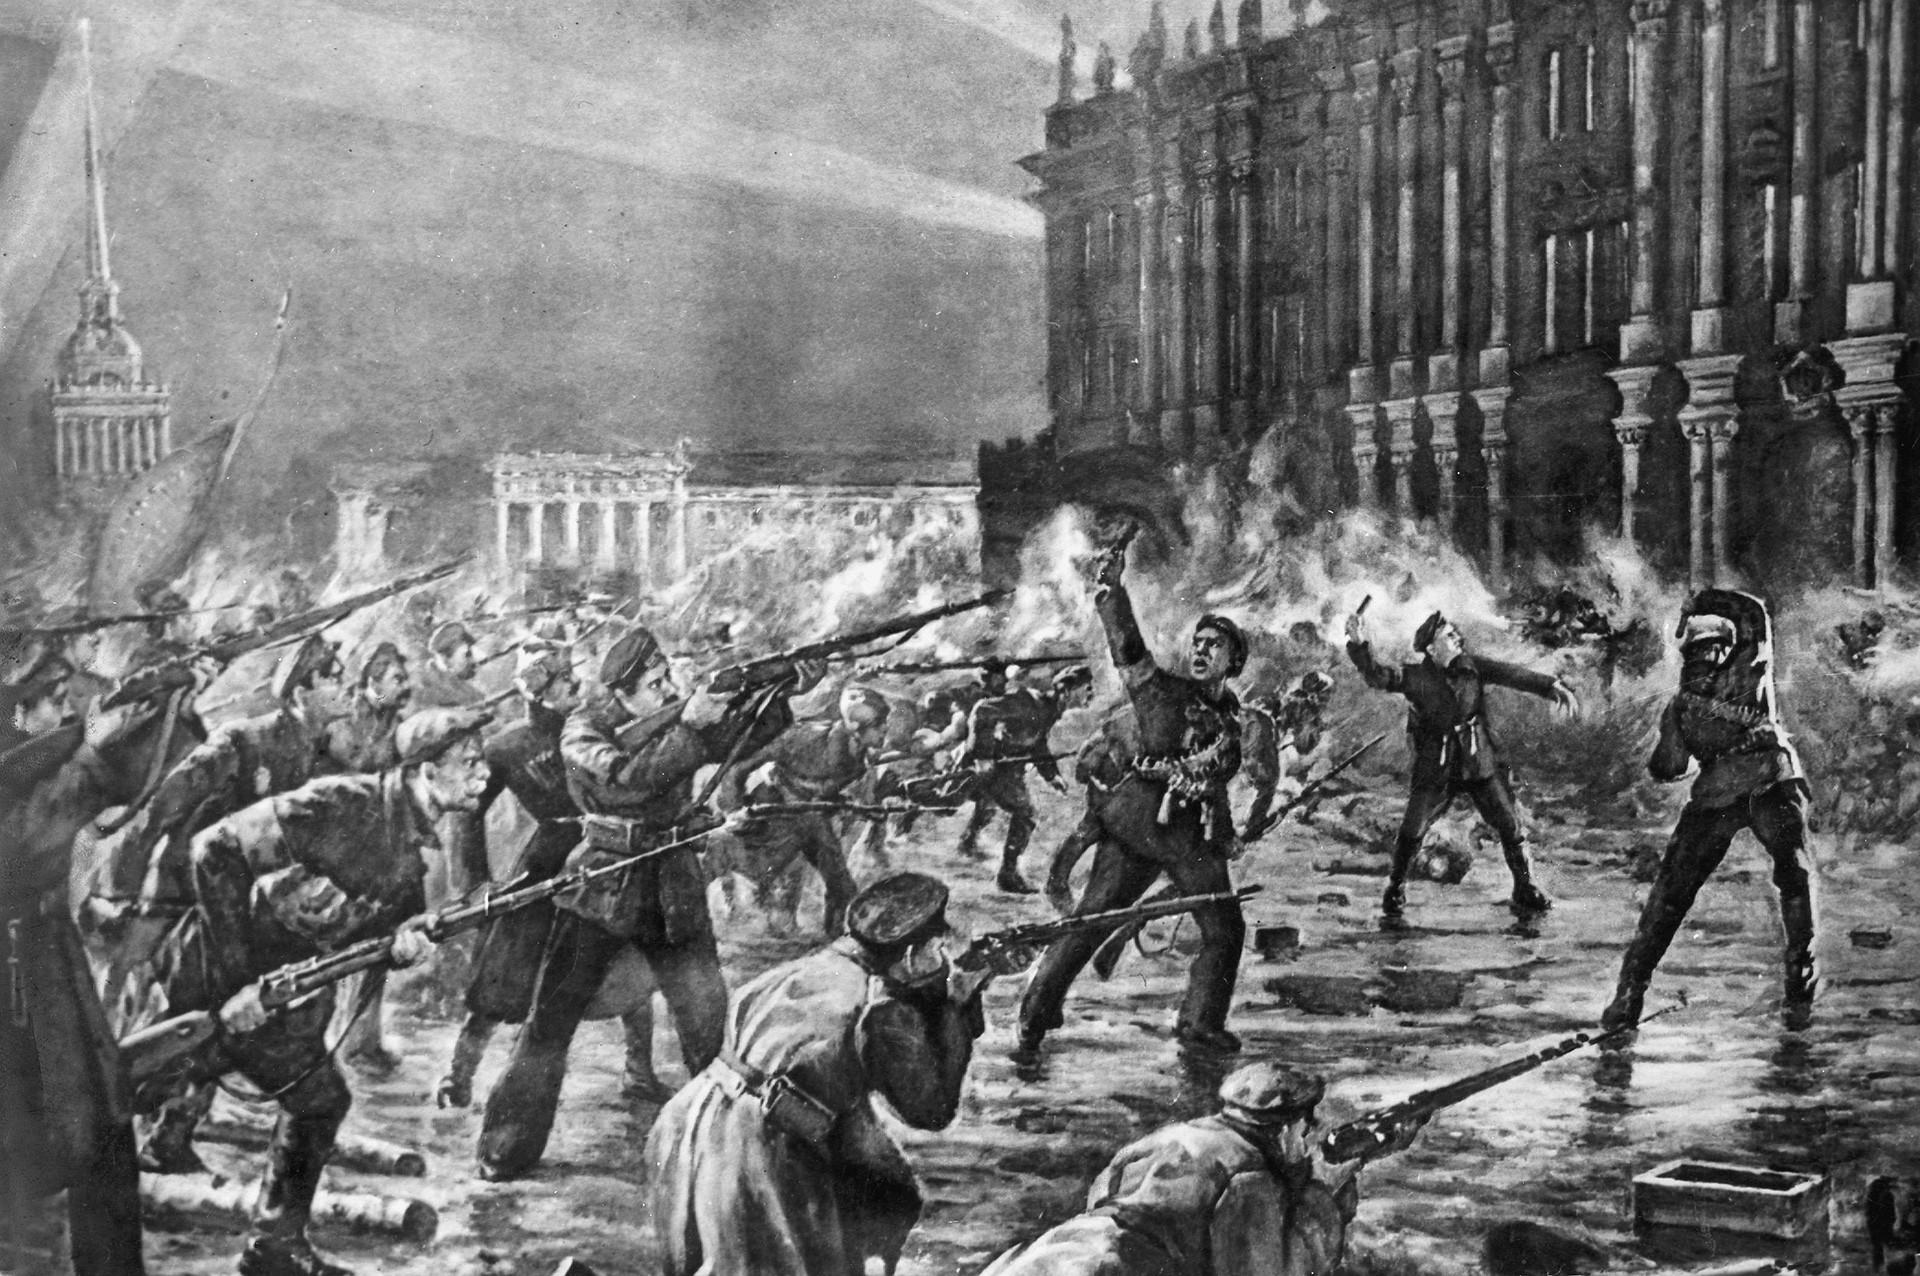 El asalto al Palacio de Invierno, 1917.